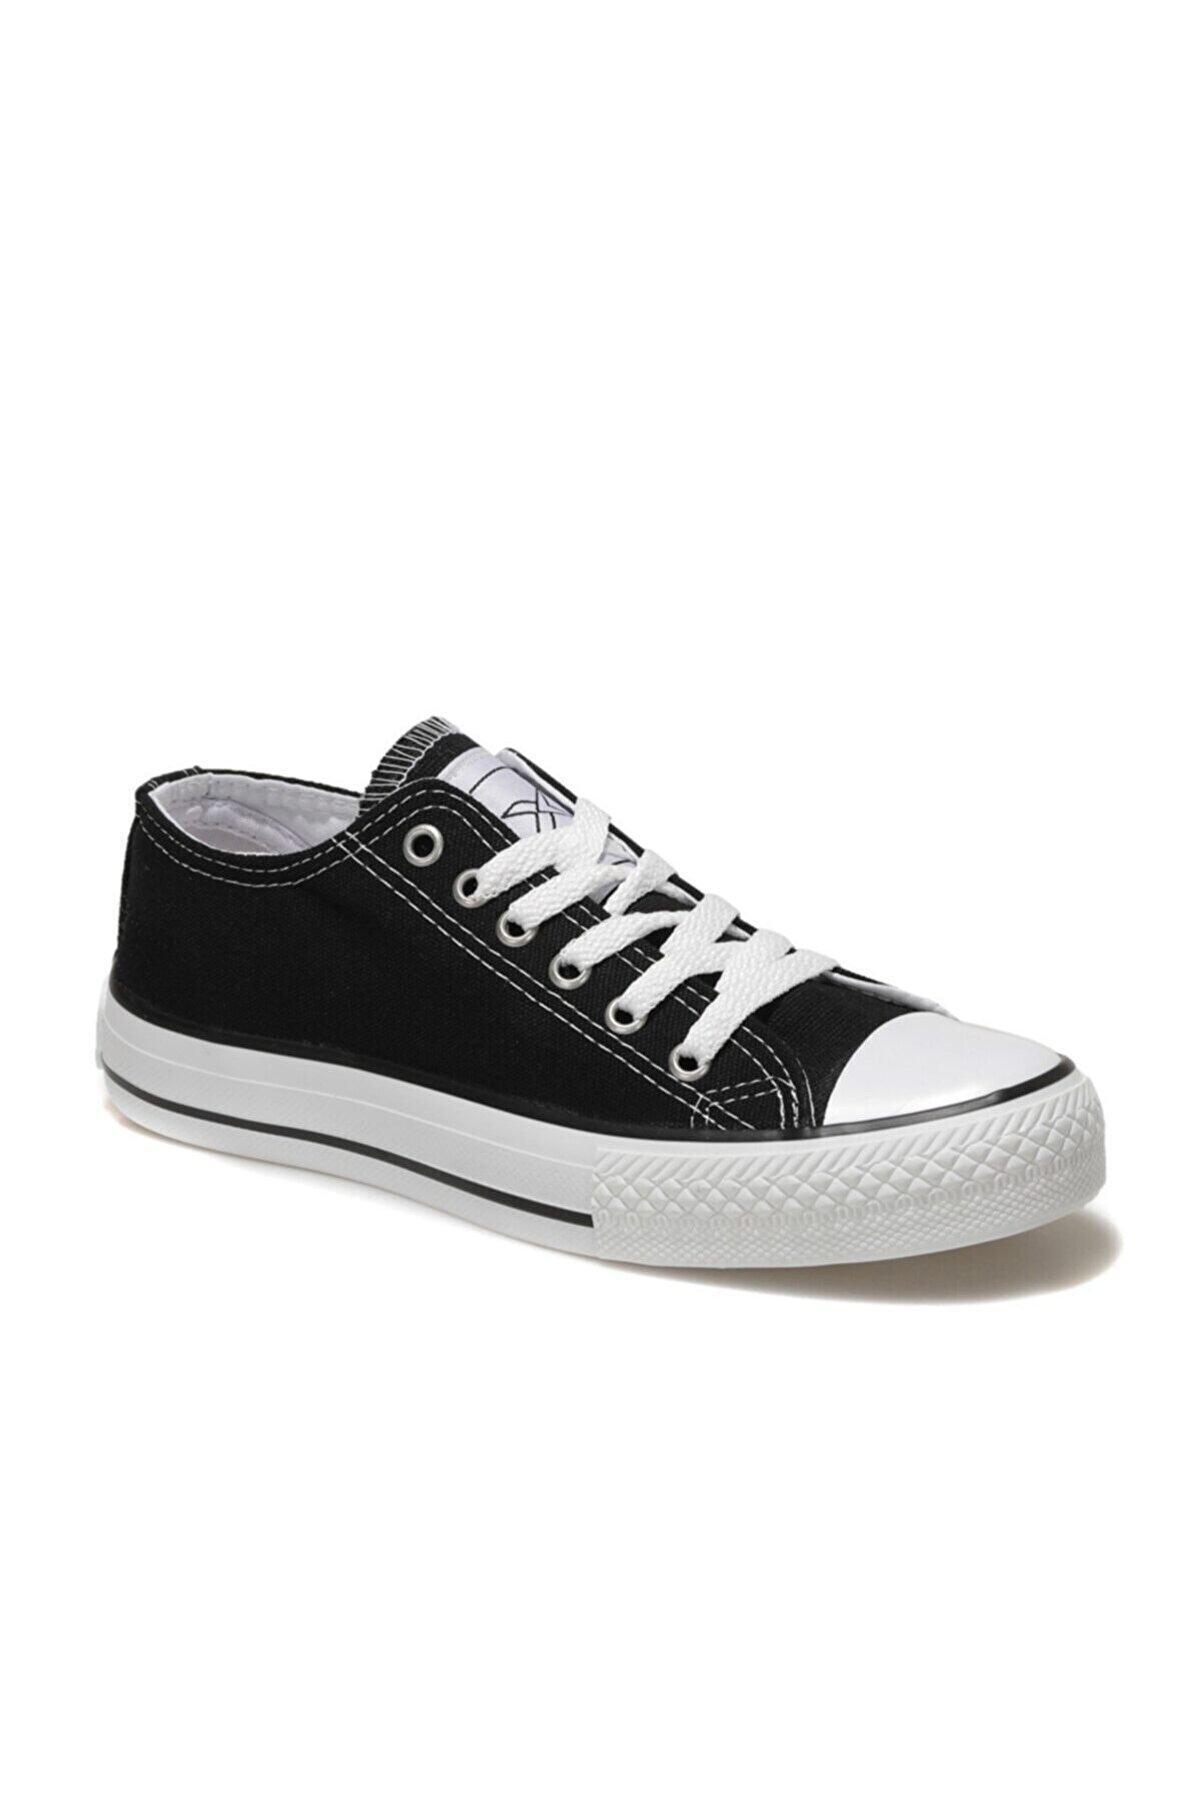 Kinetix FOWLER W 1FX Siyah Kadın Sneaker Ayakkabı 101018725